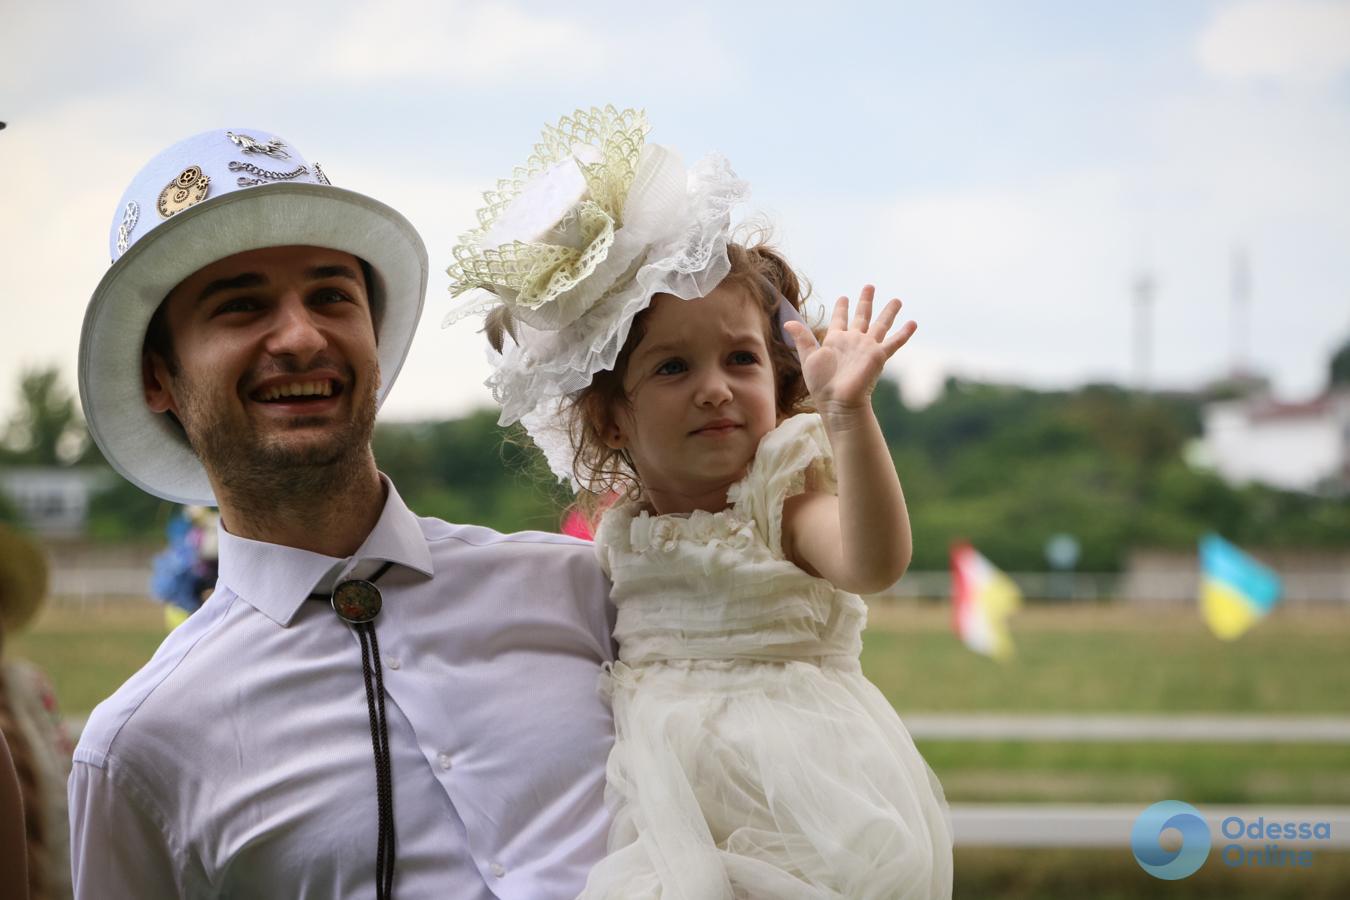 Ladies Day в Одессе: лошади против шляпок (фоторепортаж)